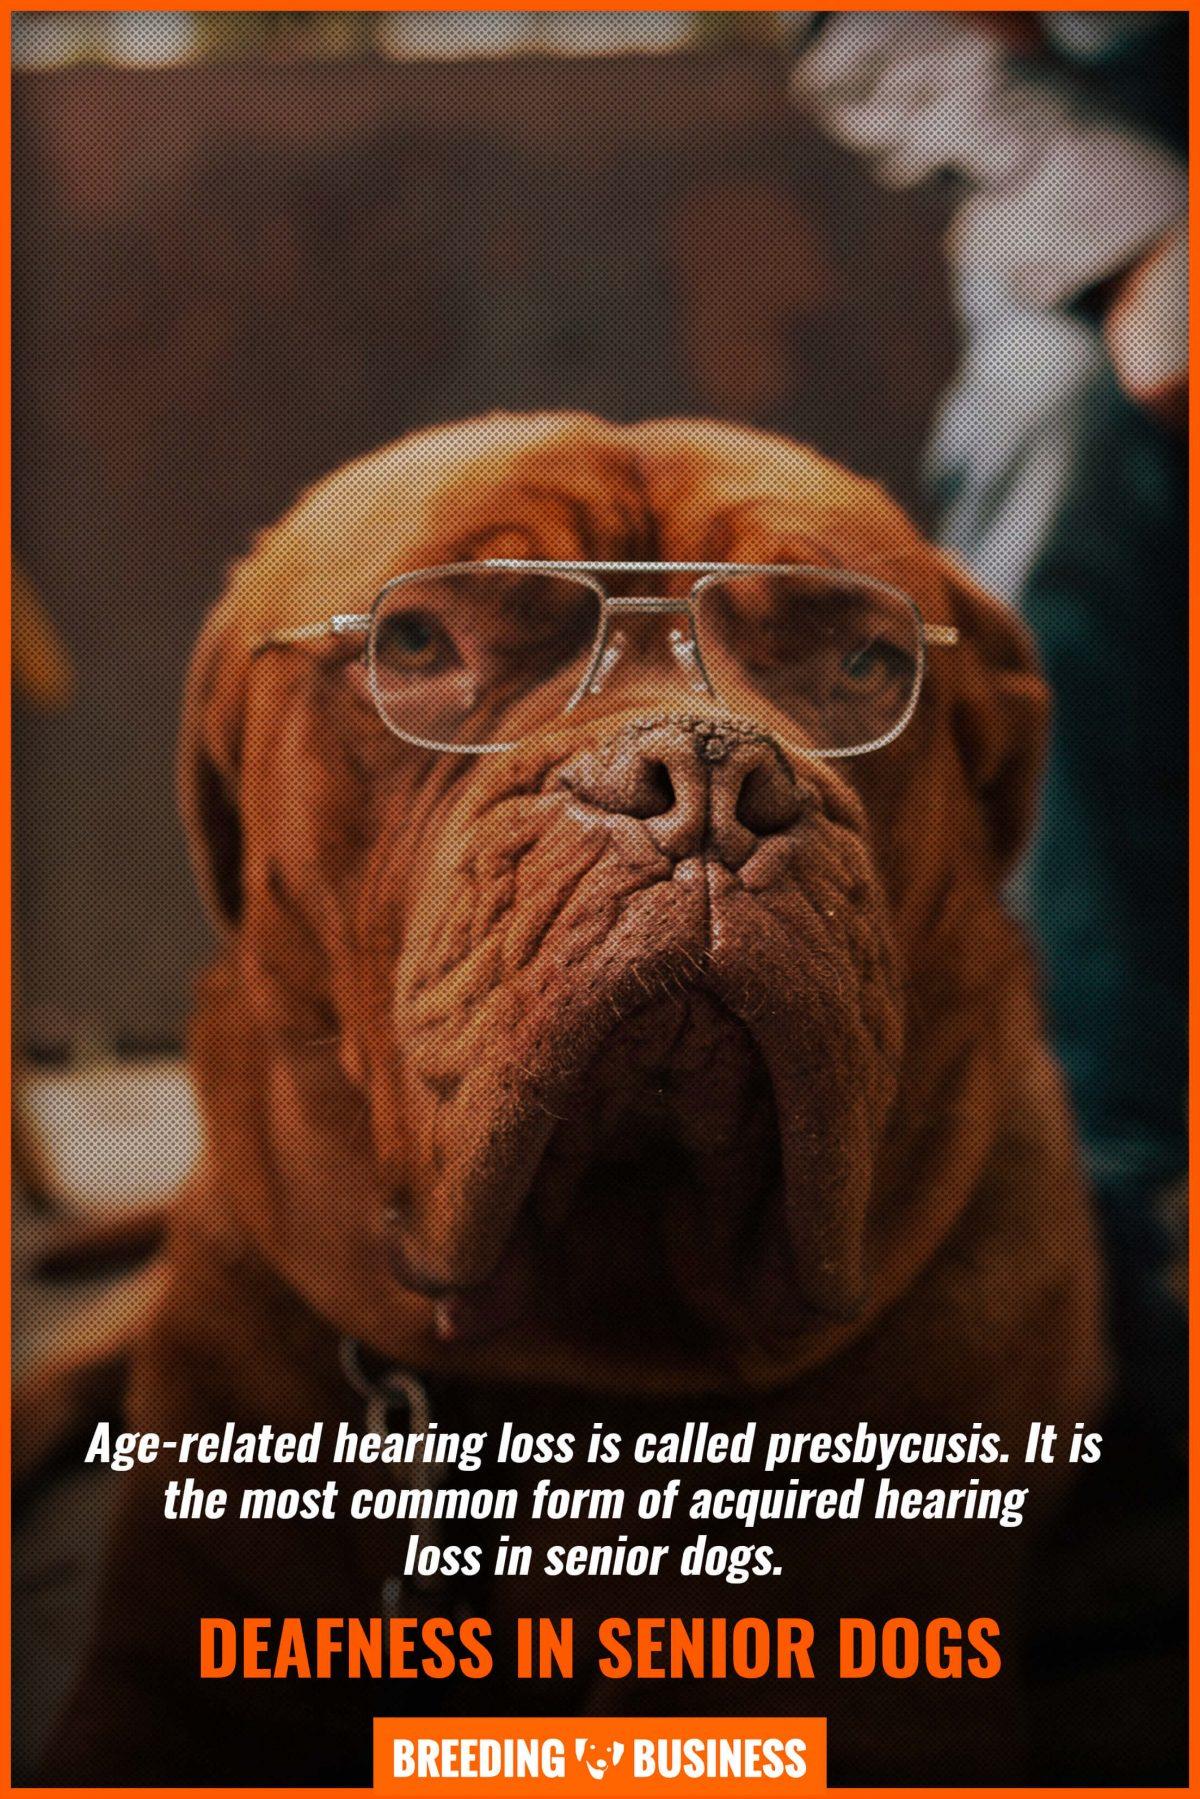 deafness in senior dogs